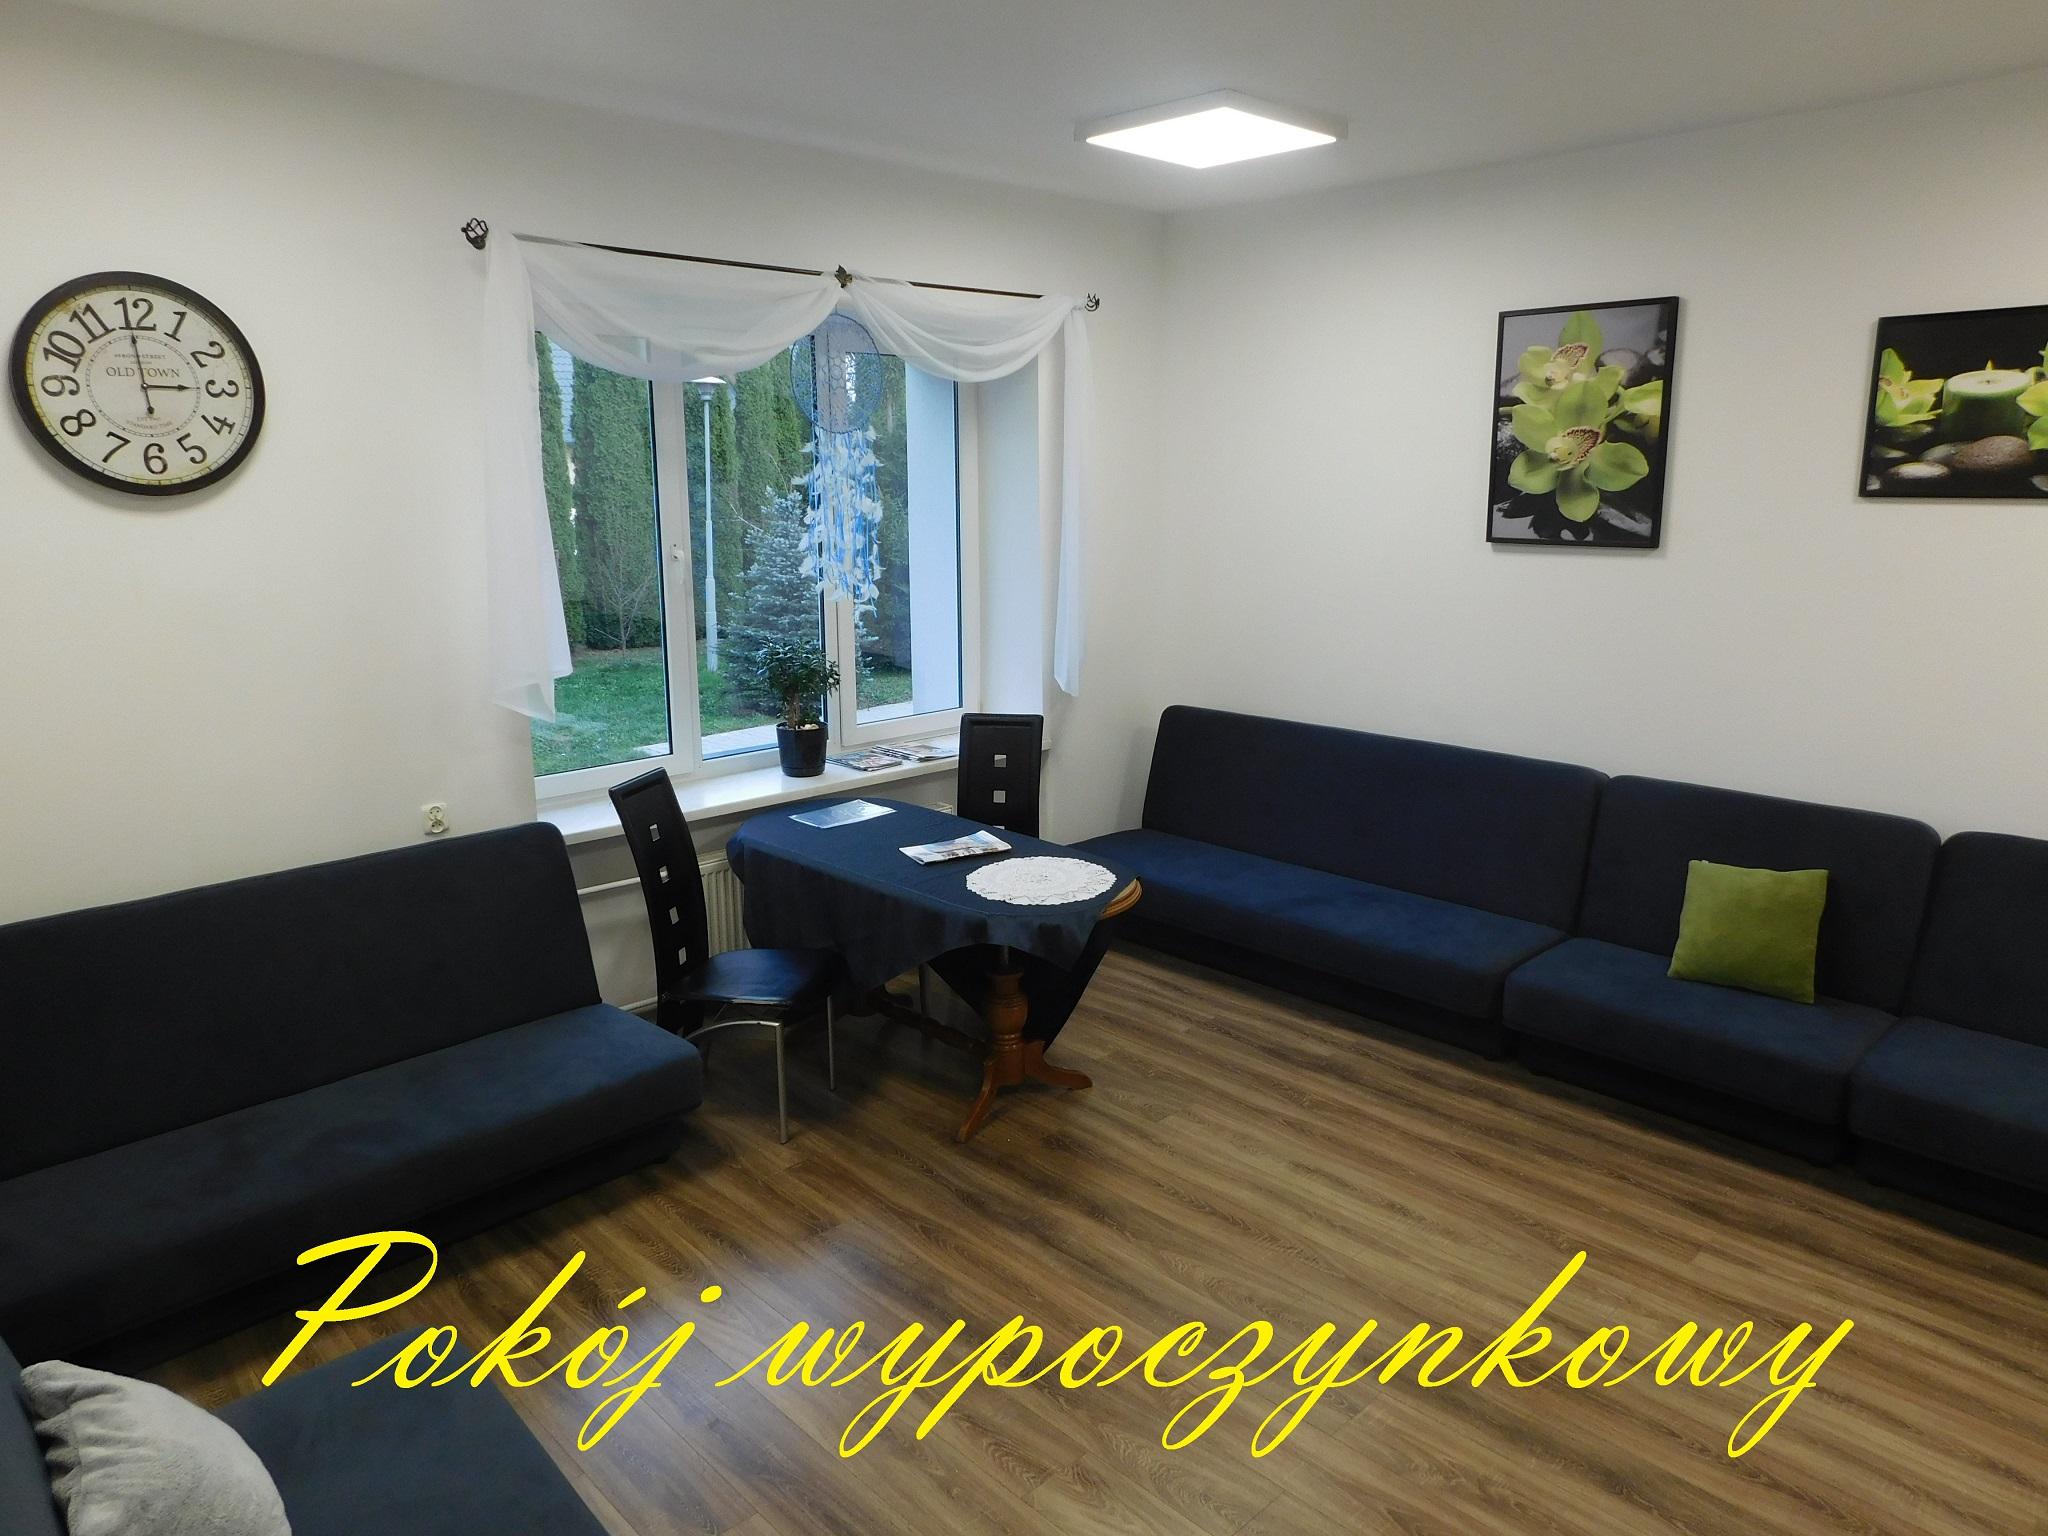 na zdjęciu widoczne wnętrze pokoju wypoczynkowego, przy ścianach sofy, pod oknem stolik z dwoma krzesłami, jednej ścianie widoczny duży ozdobny zegar, na drugiej ścianie wiszą dwa obrazy z motywem roślinnym.